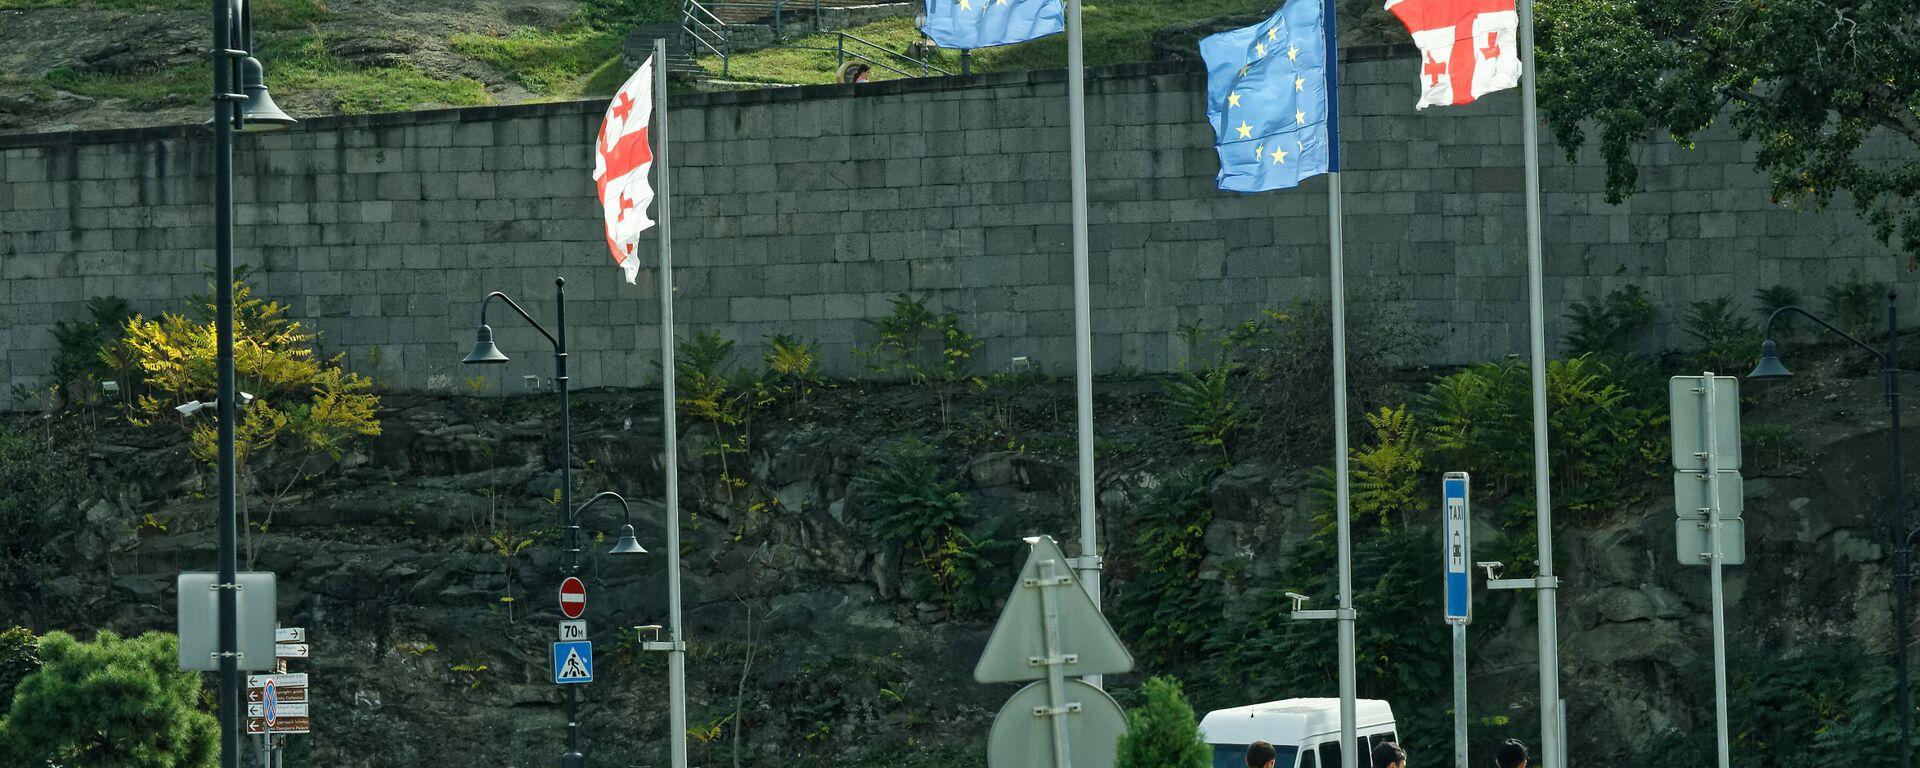 Флаги Грузии и Евросоюза на площади Европы - Sputnik Грузия, 1920, 14.07.2021